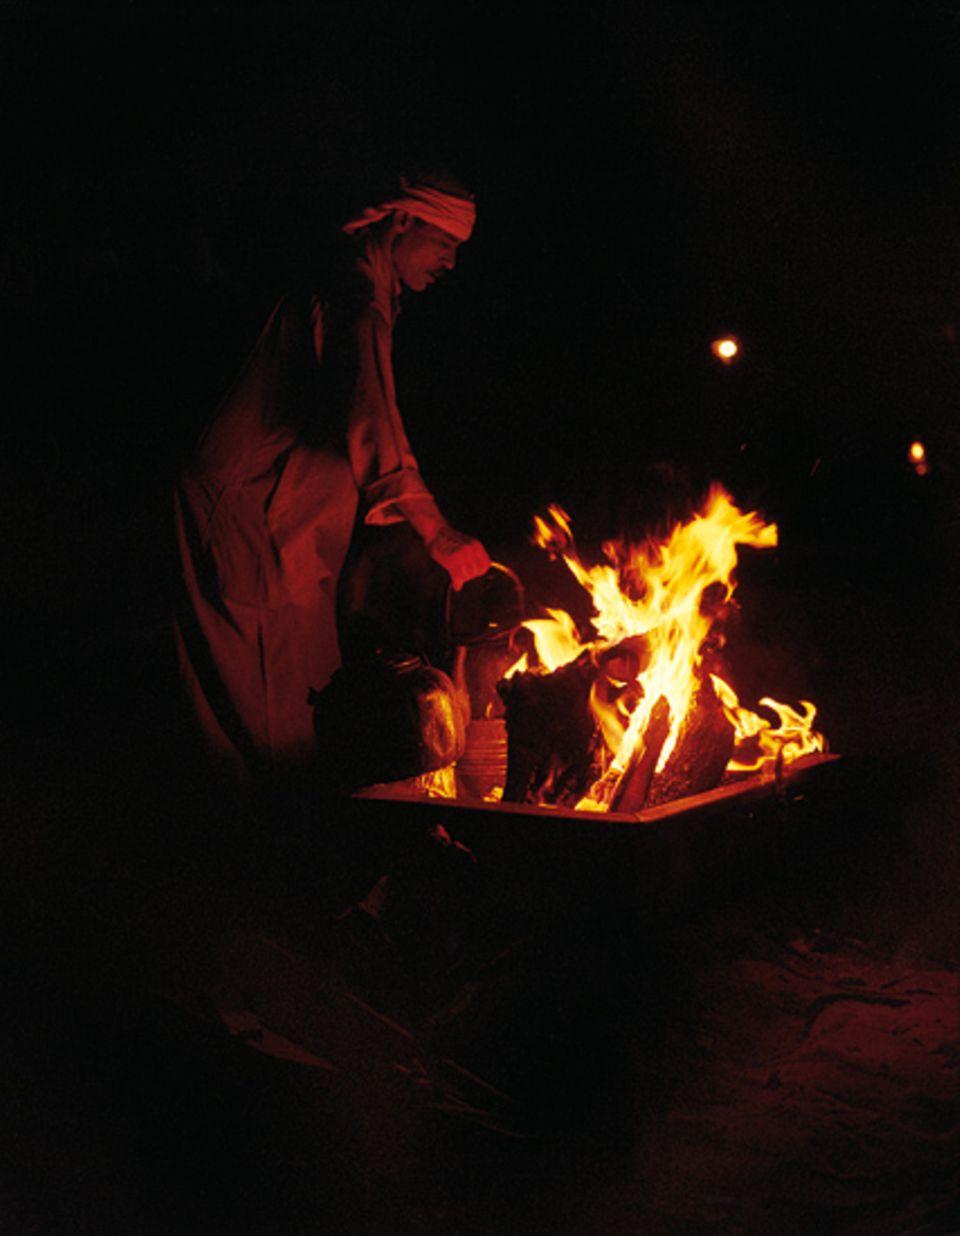 """In klaren Nächten zünden die Beduinen im Zeltlager des """"Captain's Desert Camp"""" ein Feuer an - und die Gäste wärmen sich unter einem übewältigenden Sternenhimmel"""